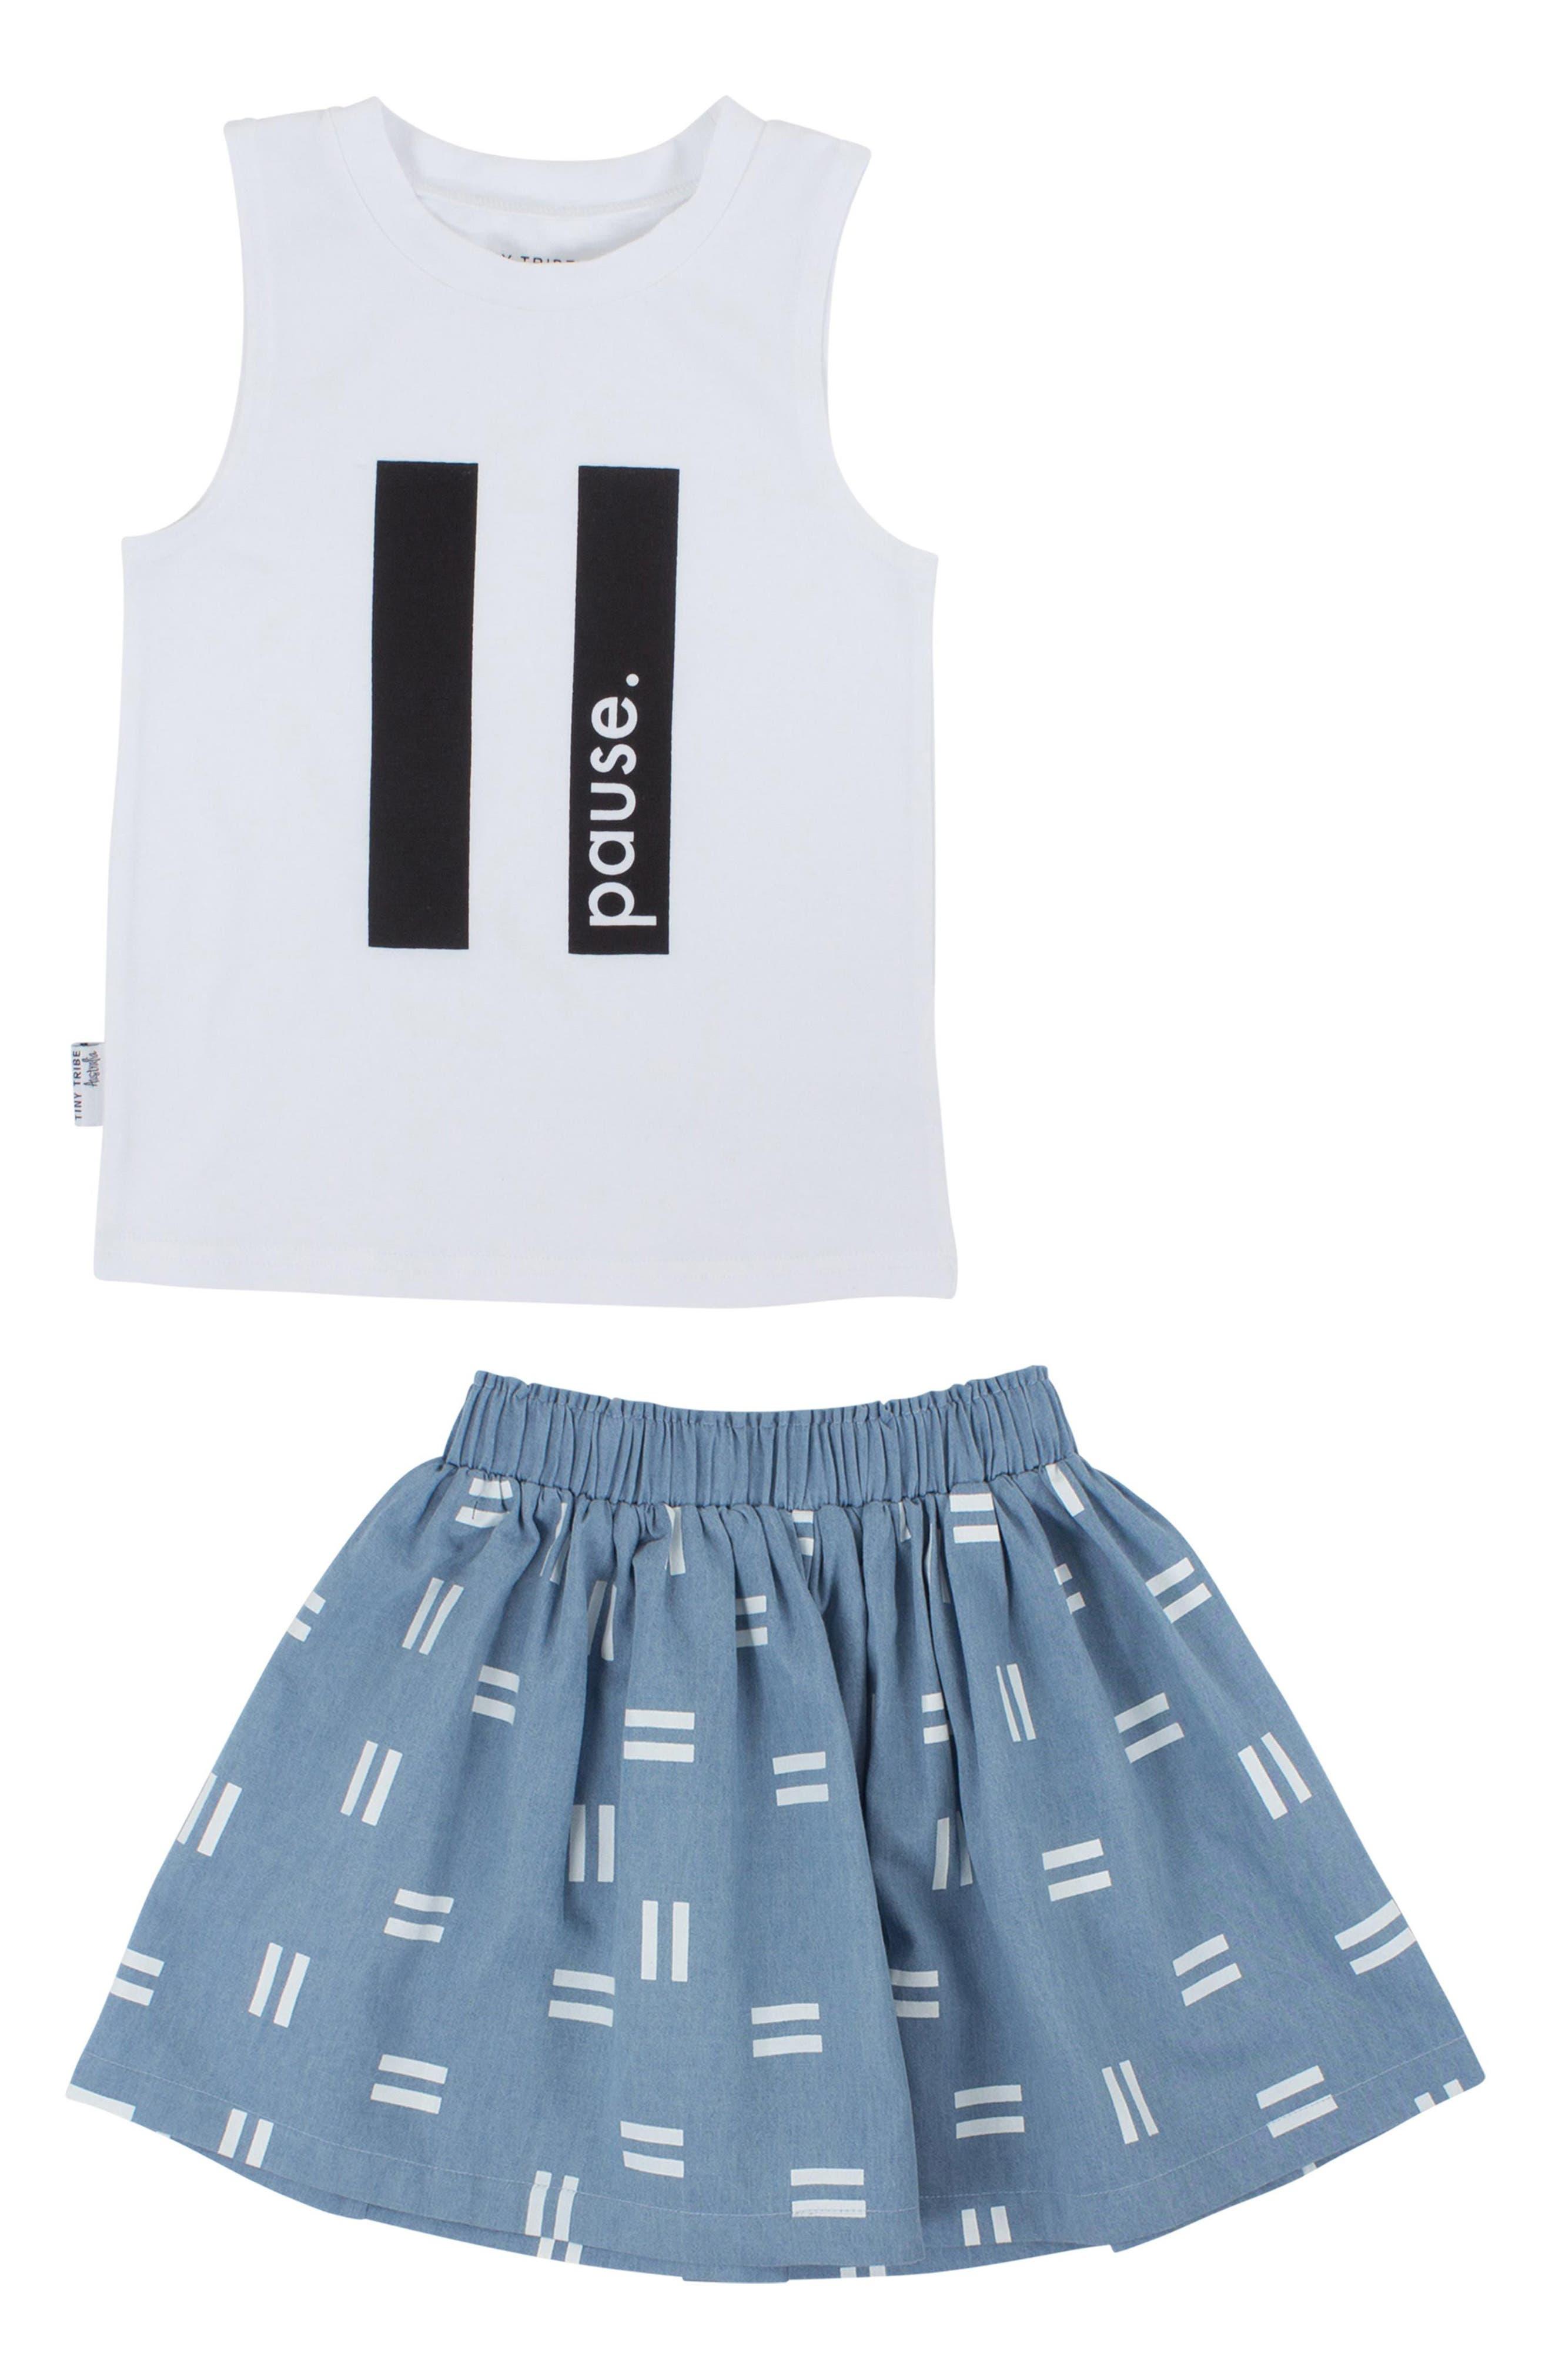 Pause Tank & Chambray Skirt Set,                         Main,                         color, White/ Chambray